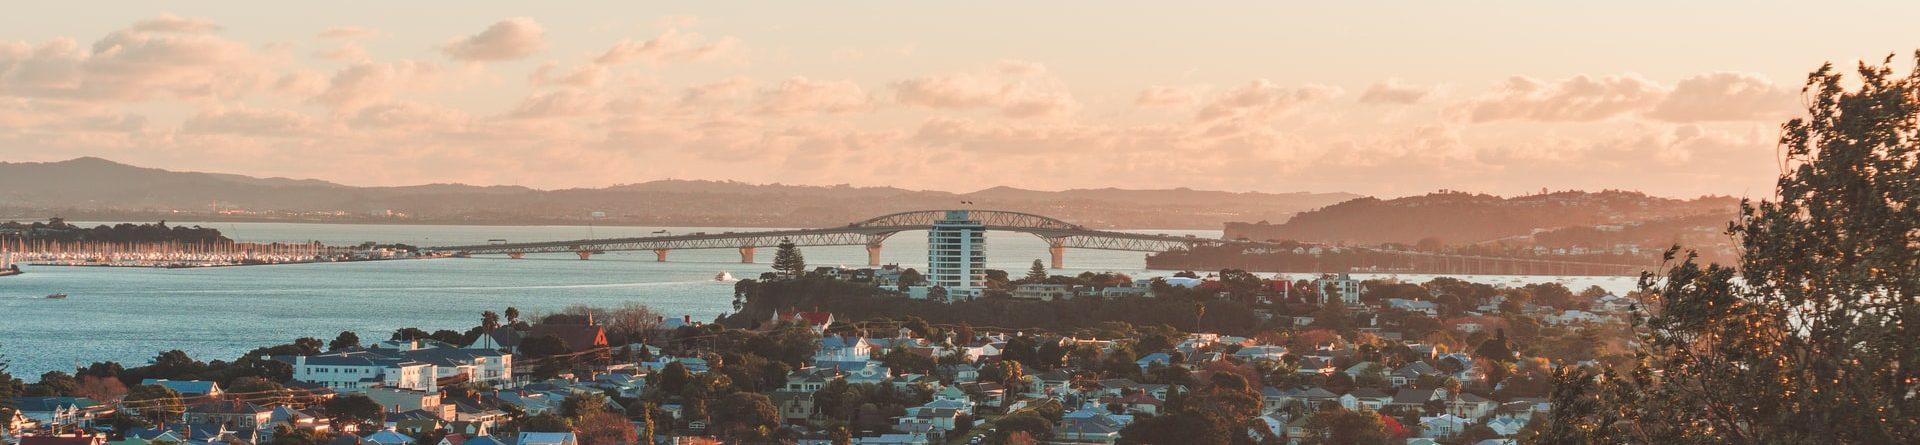 Окленд возглавил рейтинг лучших городов для жизни